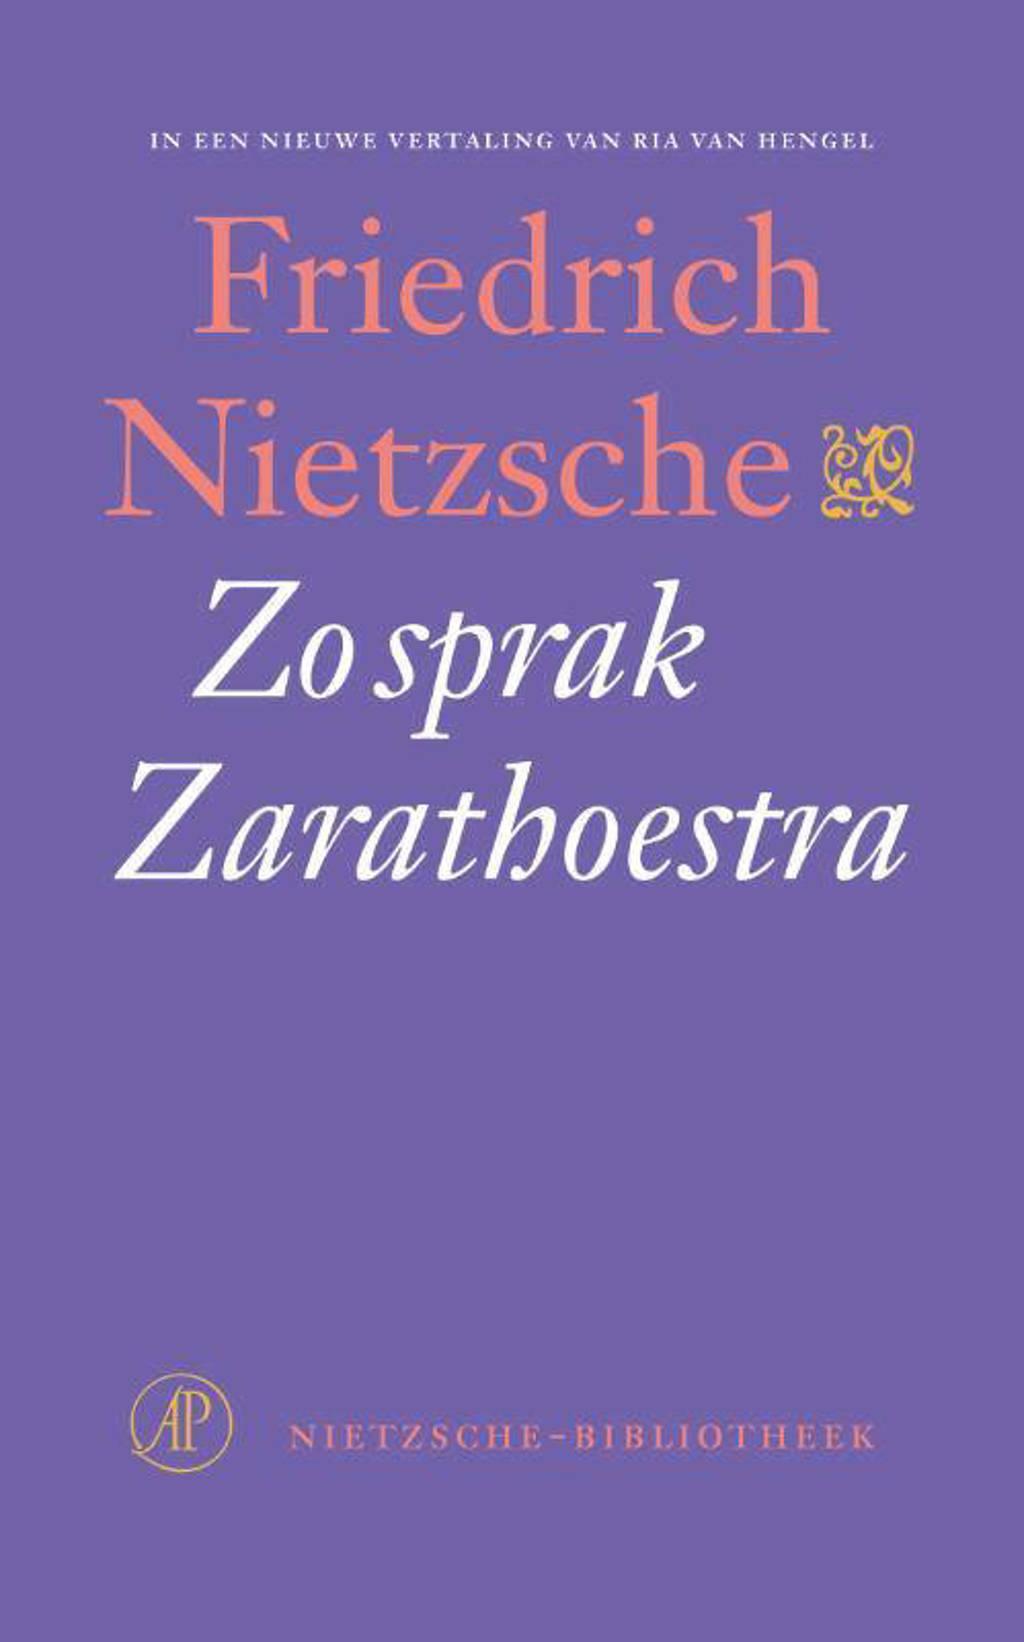 Nietzsche-bibliotheek: Zo sprak Zarathoestra - Friedrich Nietzsche